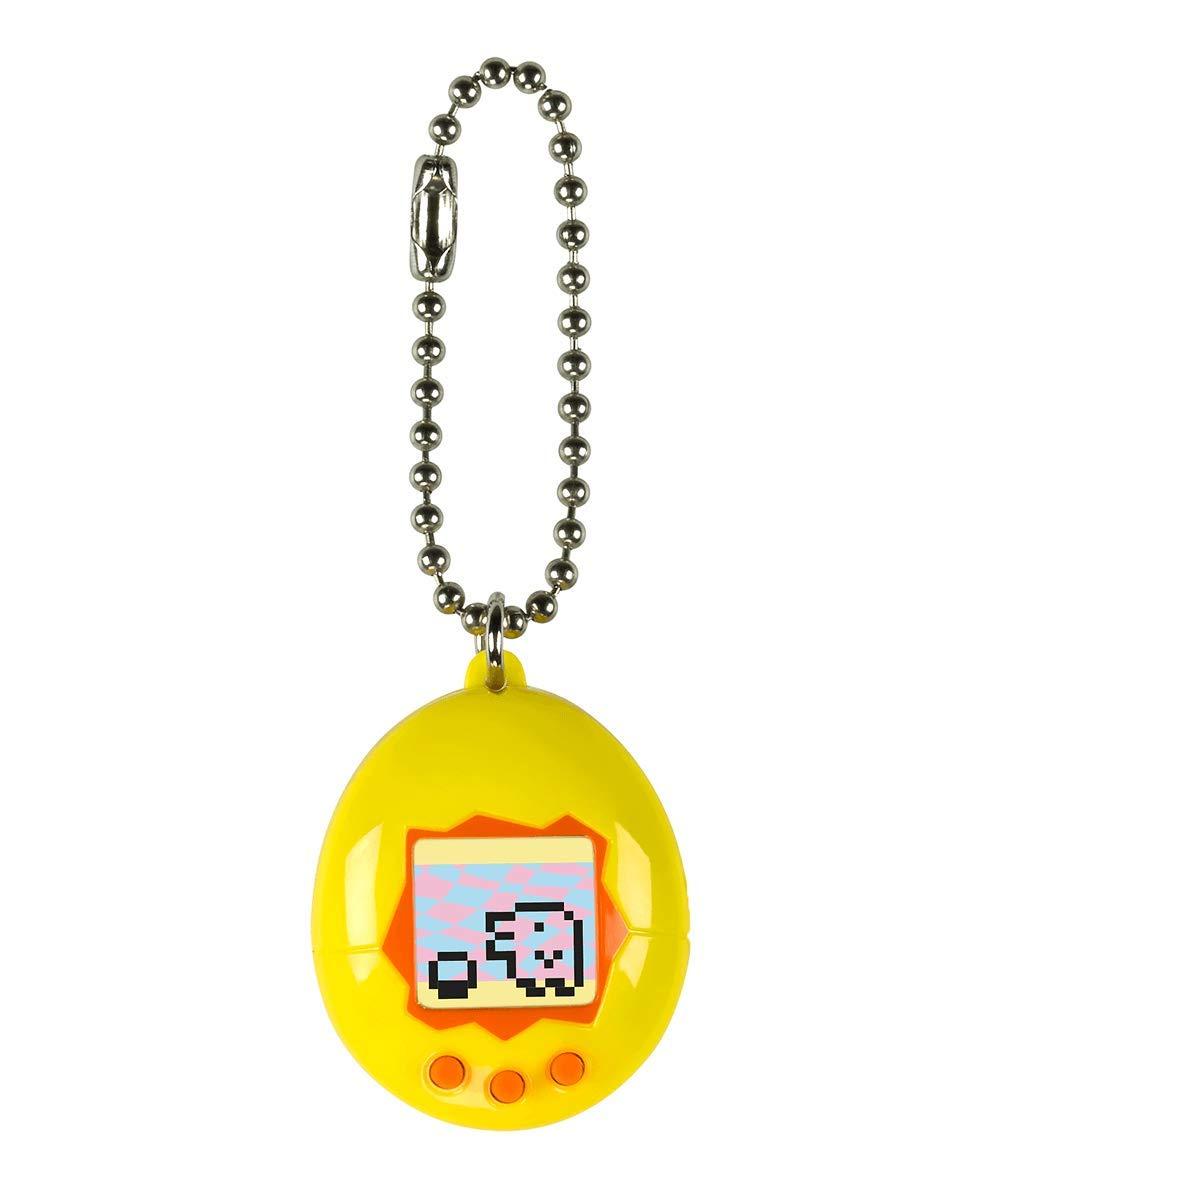 Gelb und Orange Bandai Tamagotchi Mini-Ei mit virtuellem Tier 41817